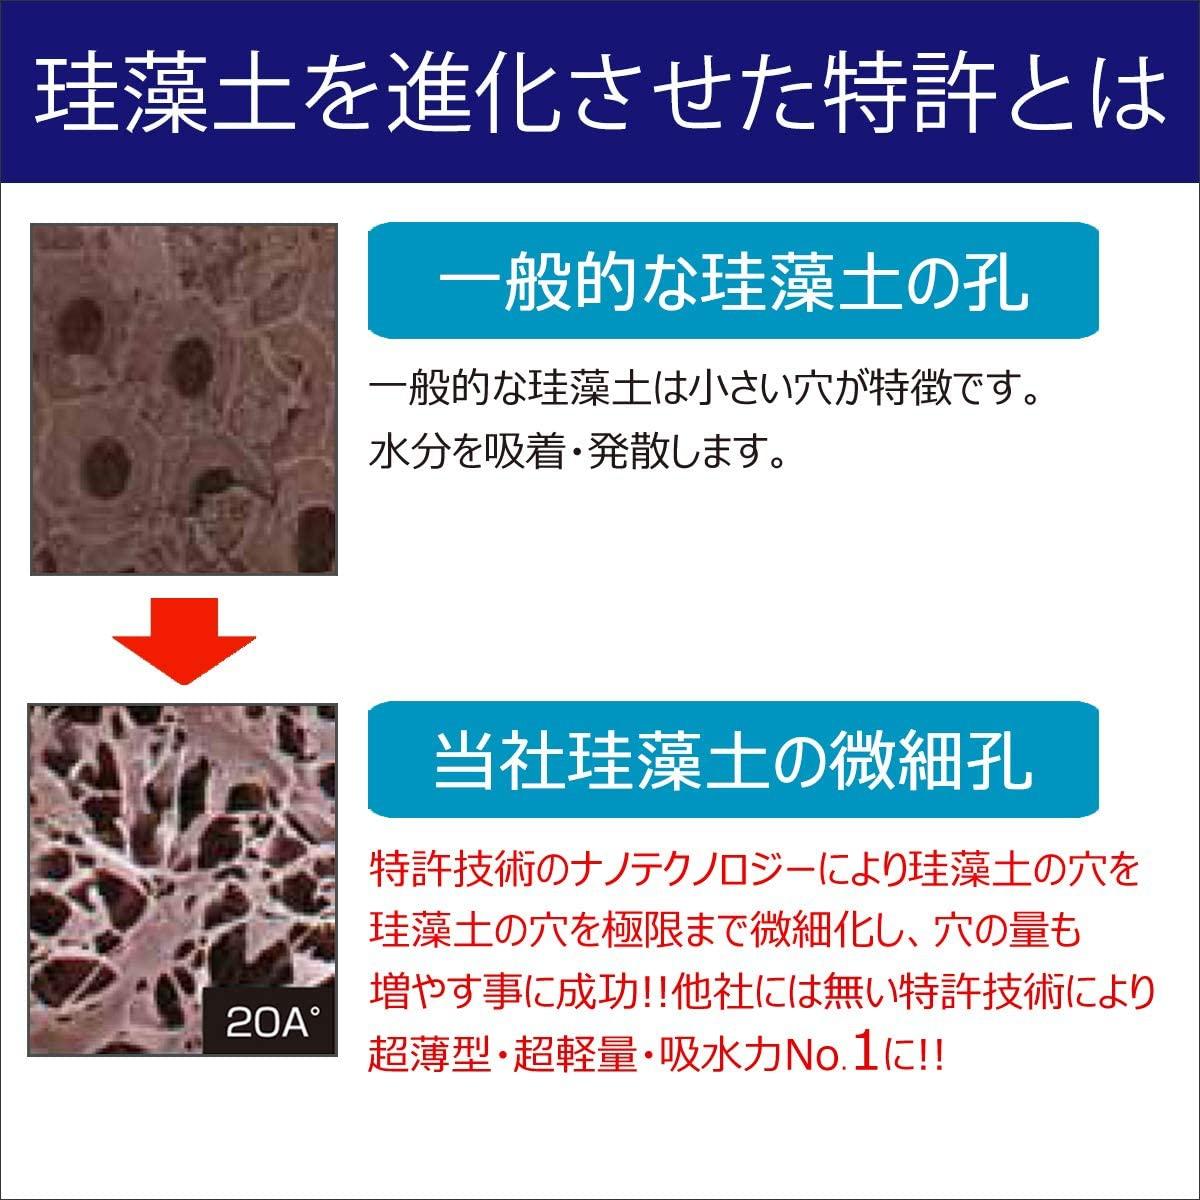 ASUWELL(アスウェル)珪藻土バスマット フォリアージ柄の商品画像5